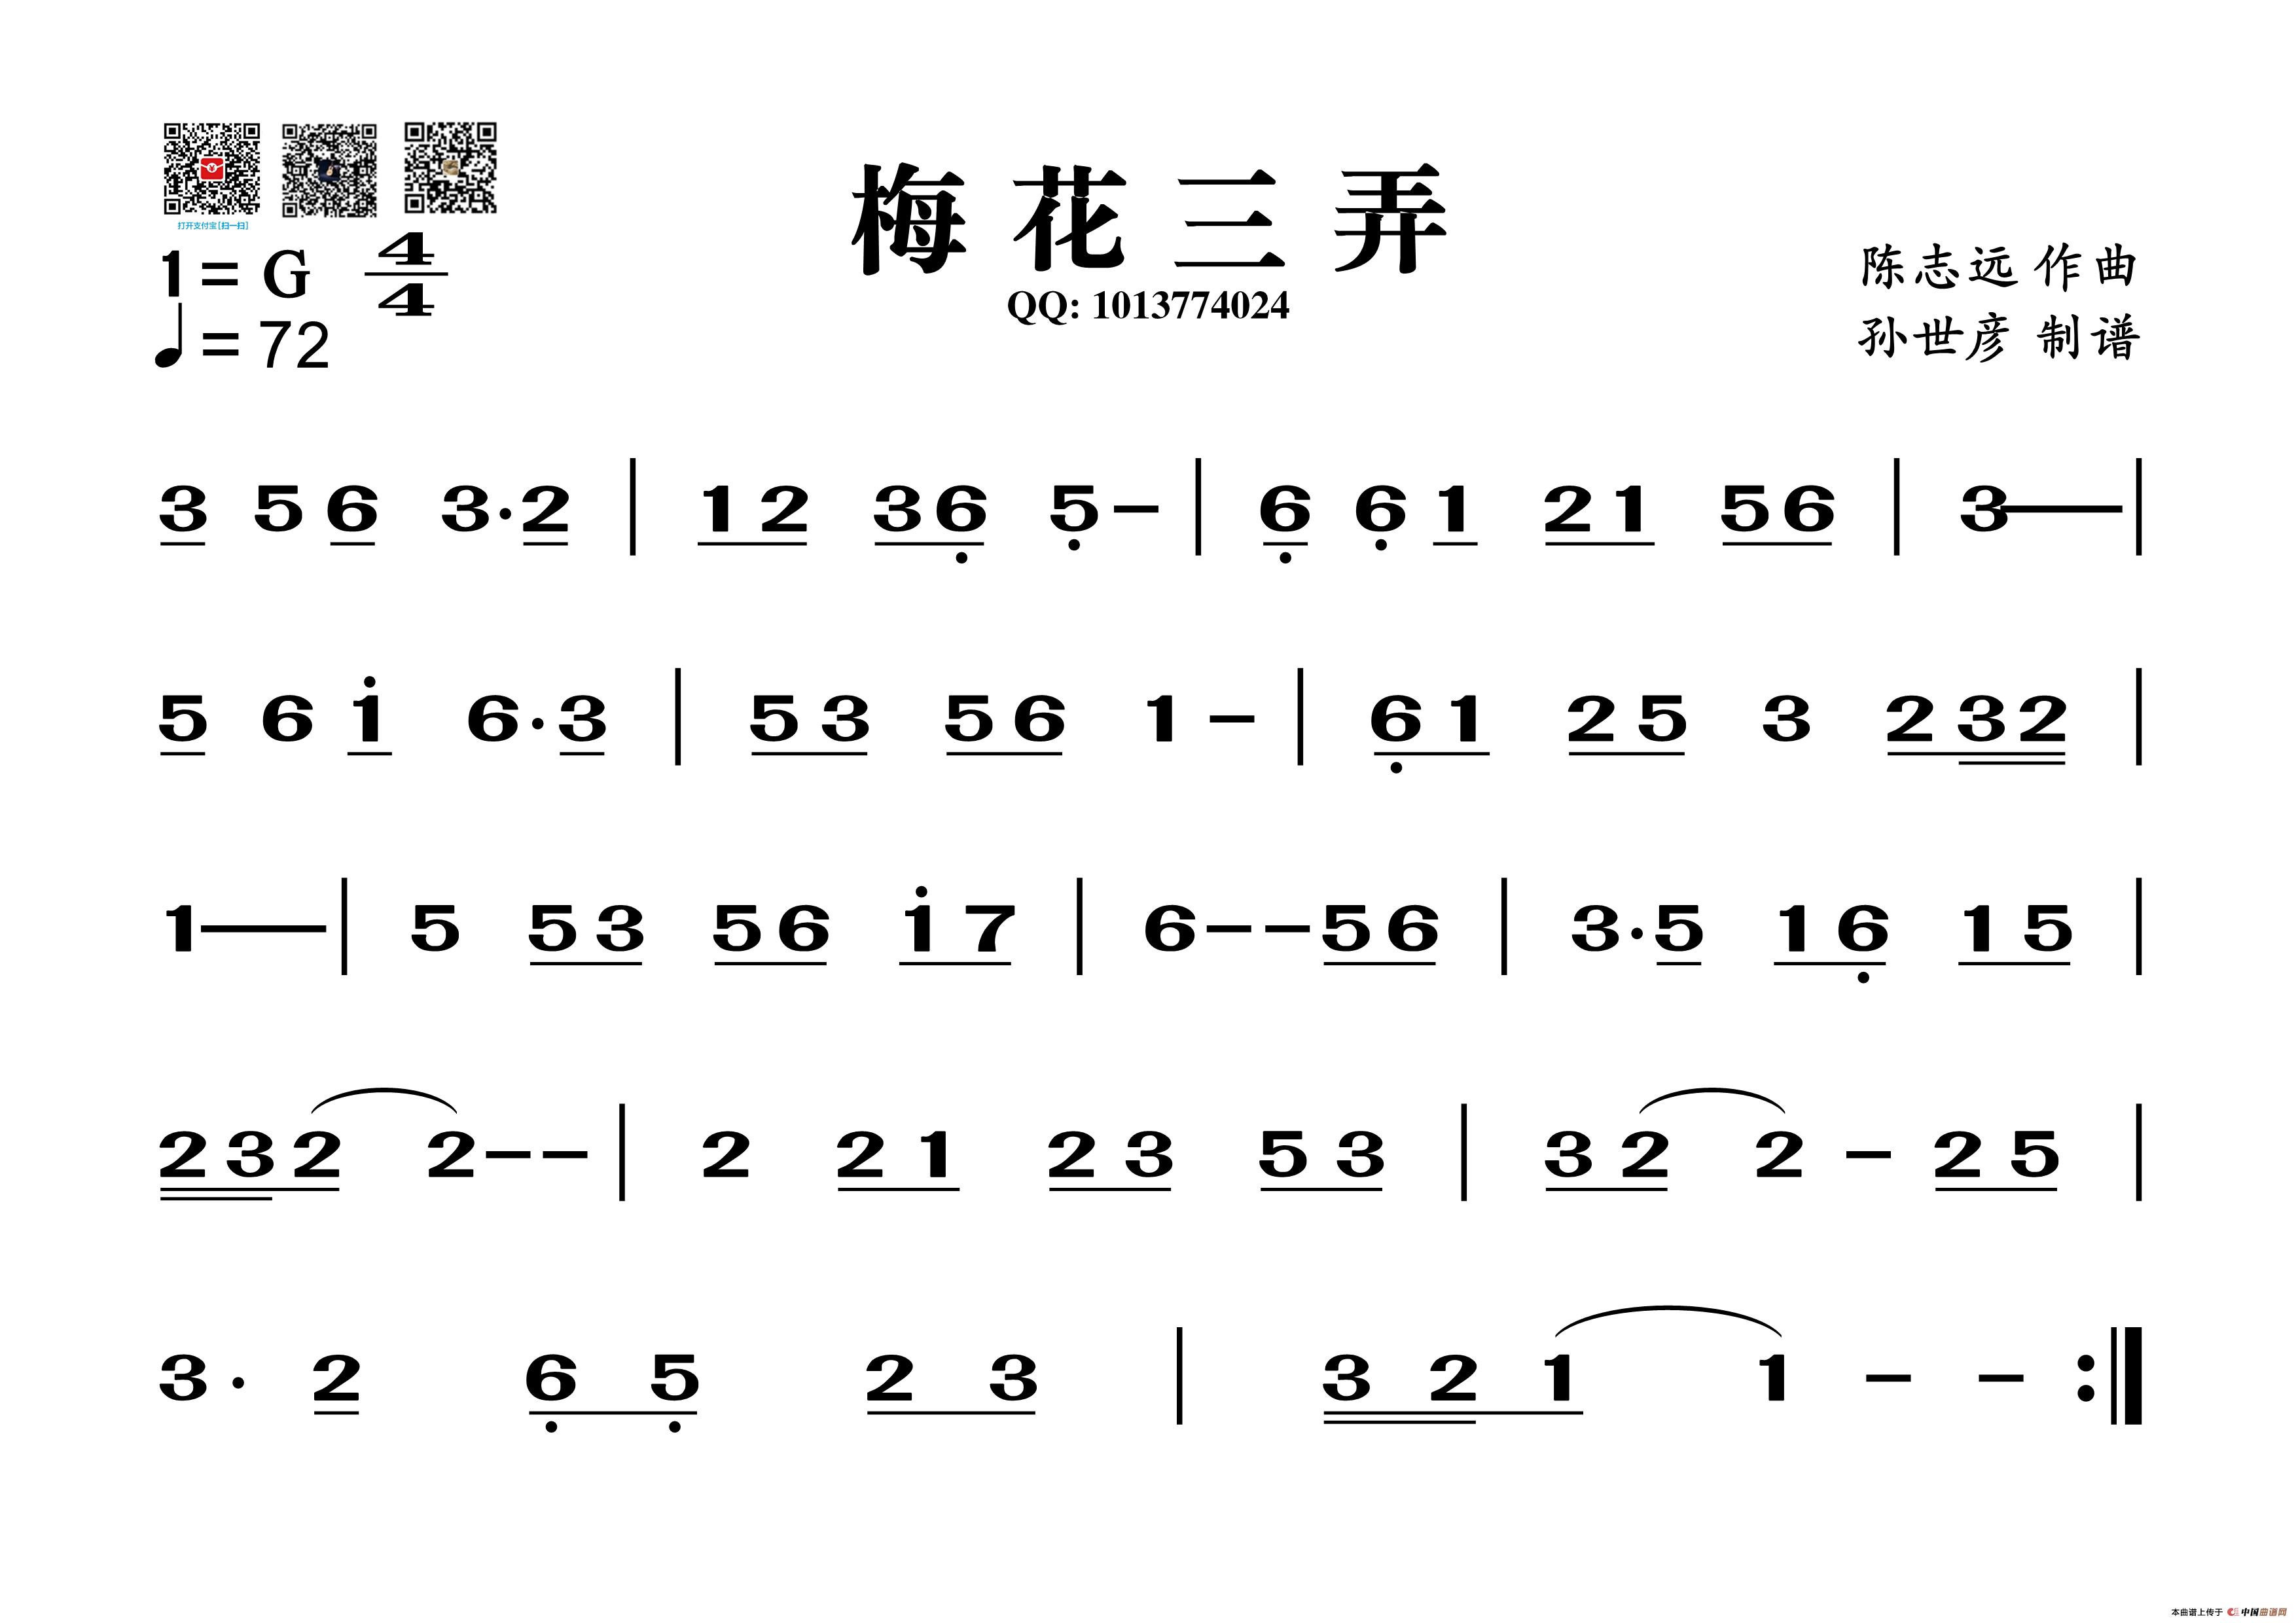 梅花三弄简谱 葫芦丝旋律谱 谱友园地 中国曲谱网